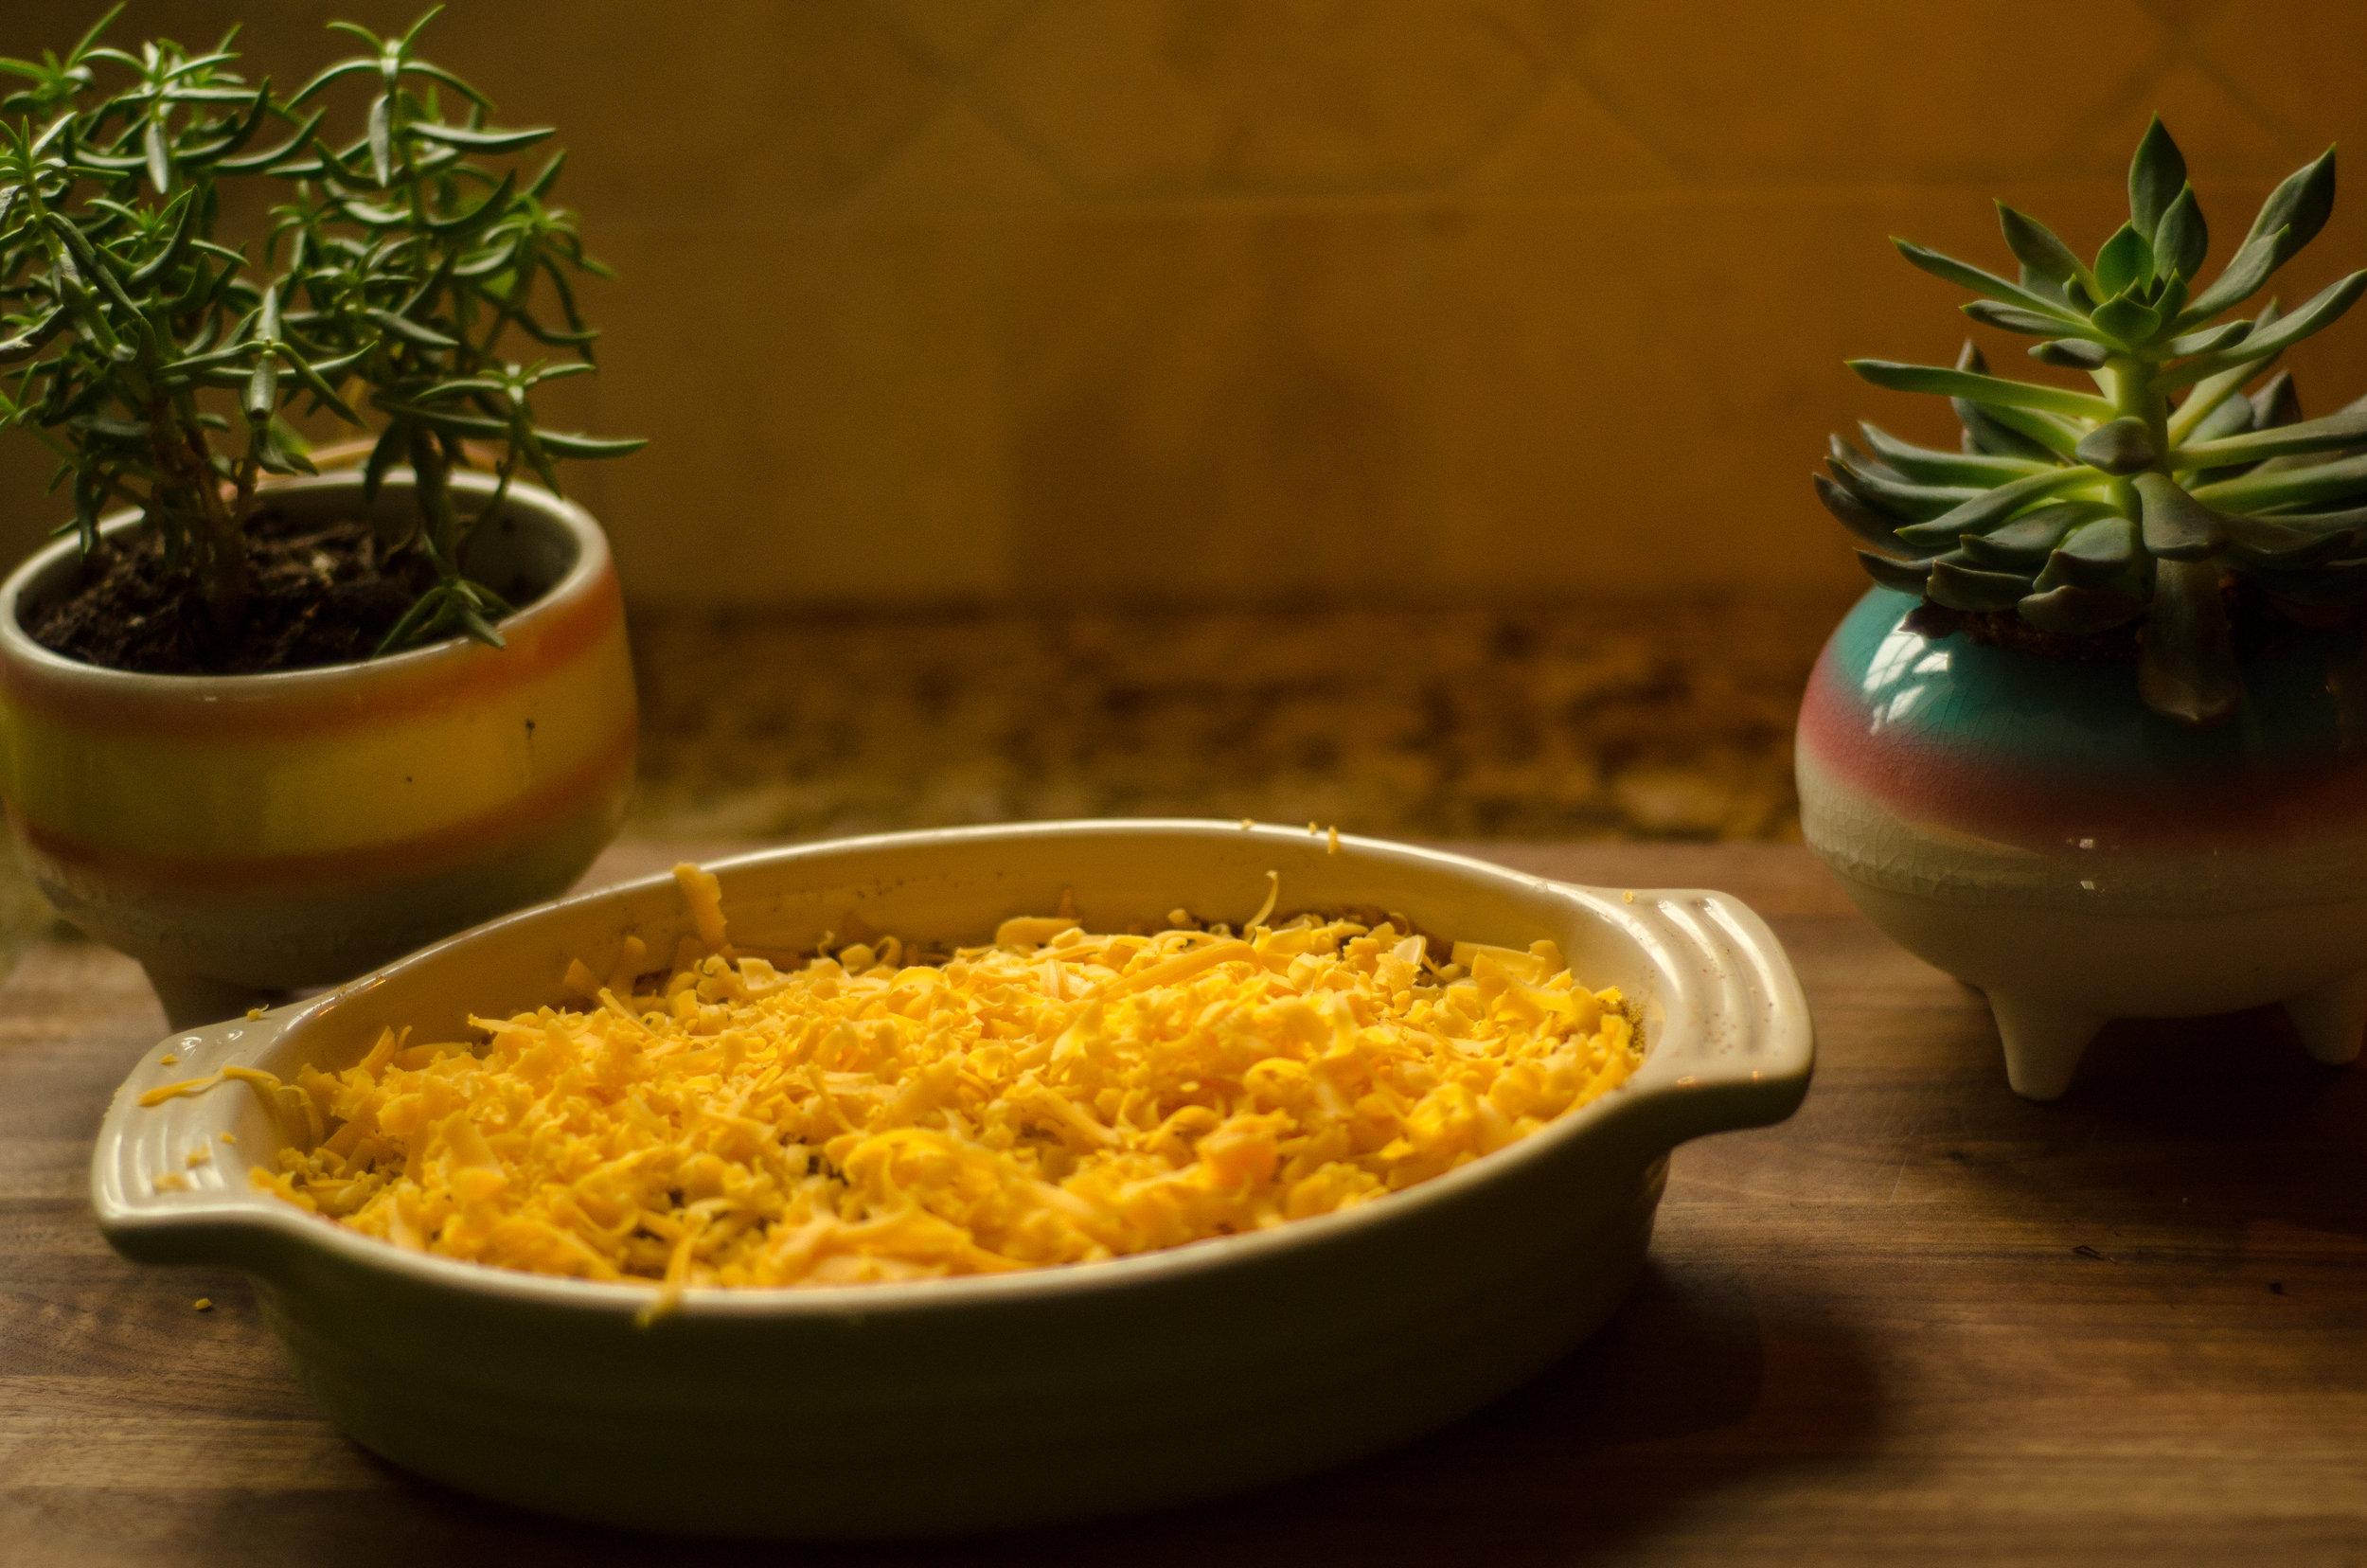 add shredded cheese -